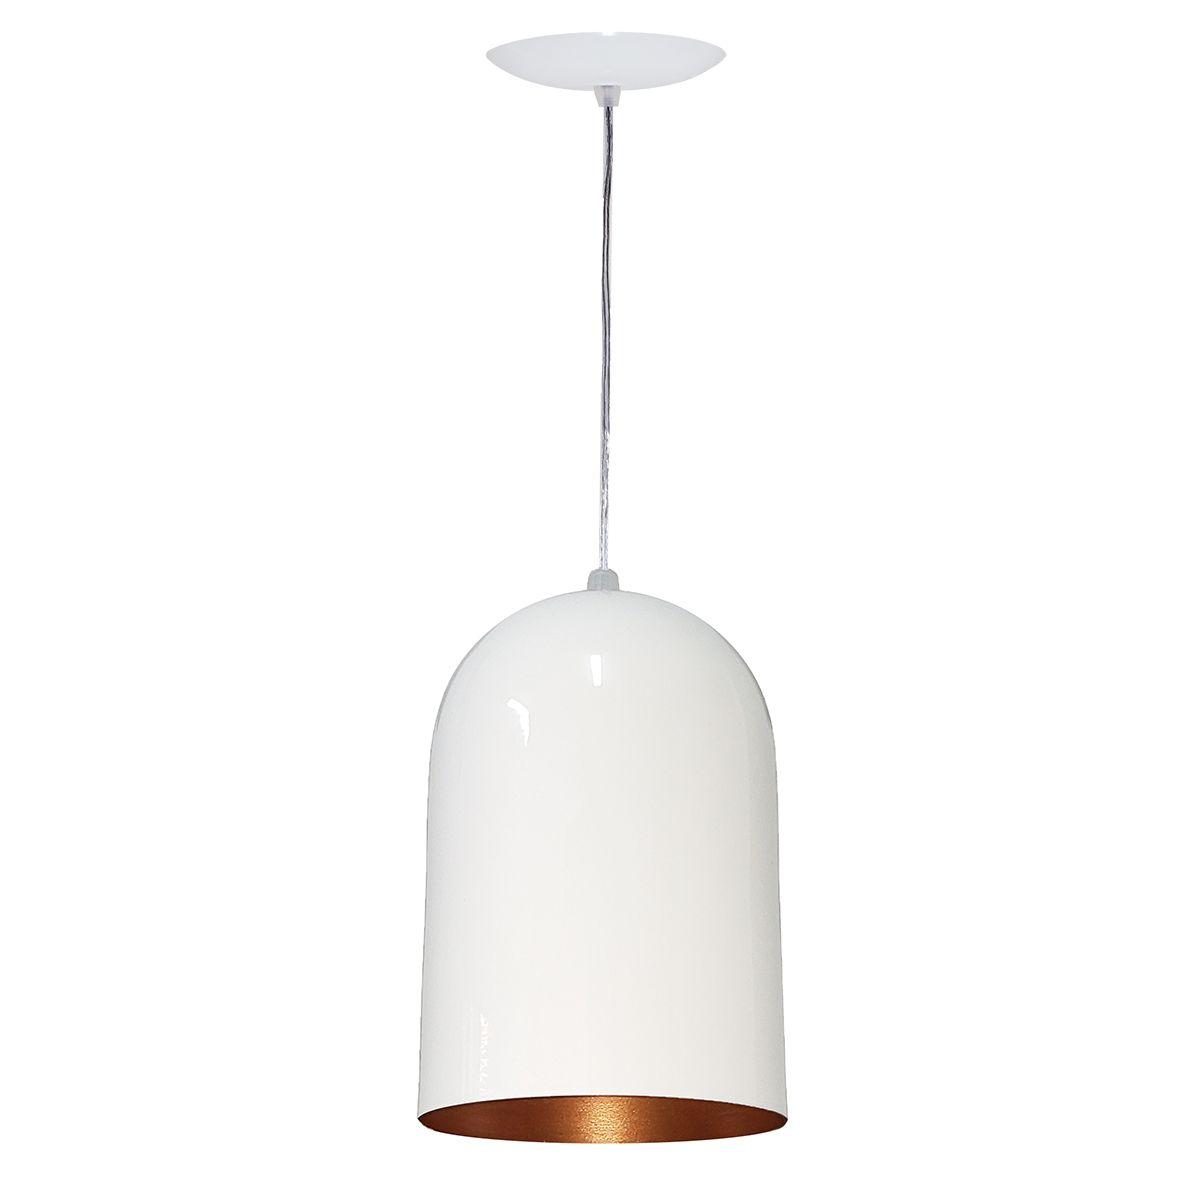 Luminária Decorativa Pandora Branco/Cobre com Pendente